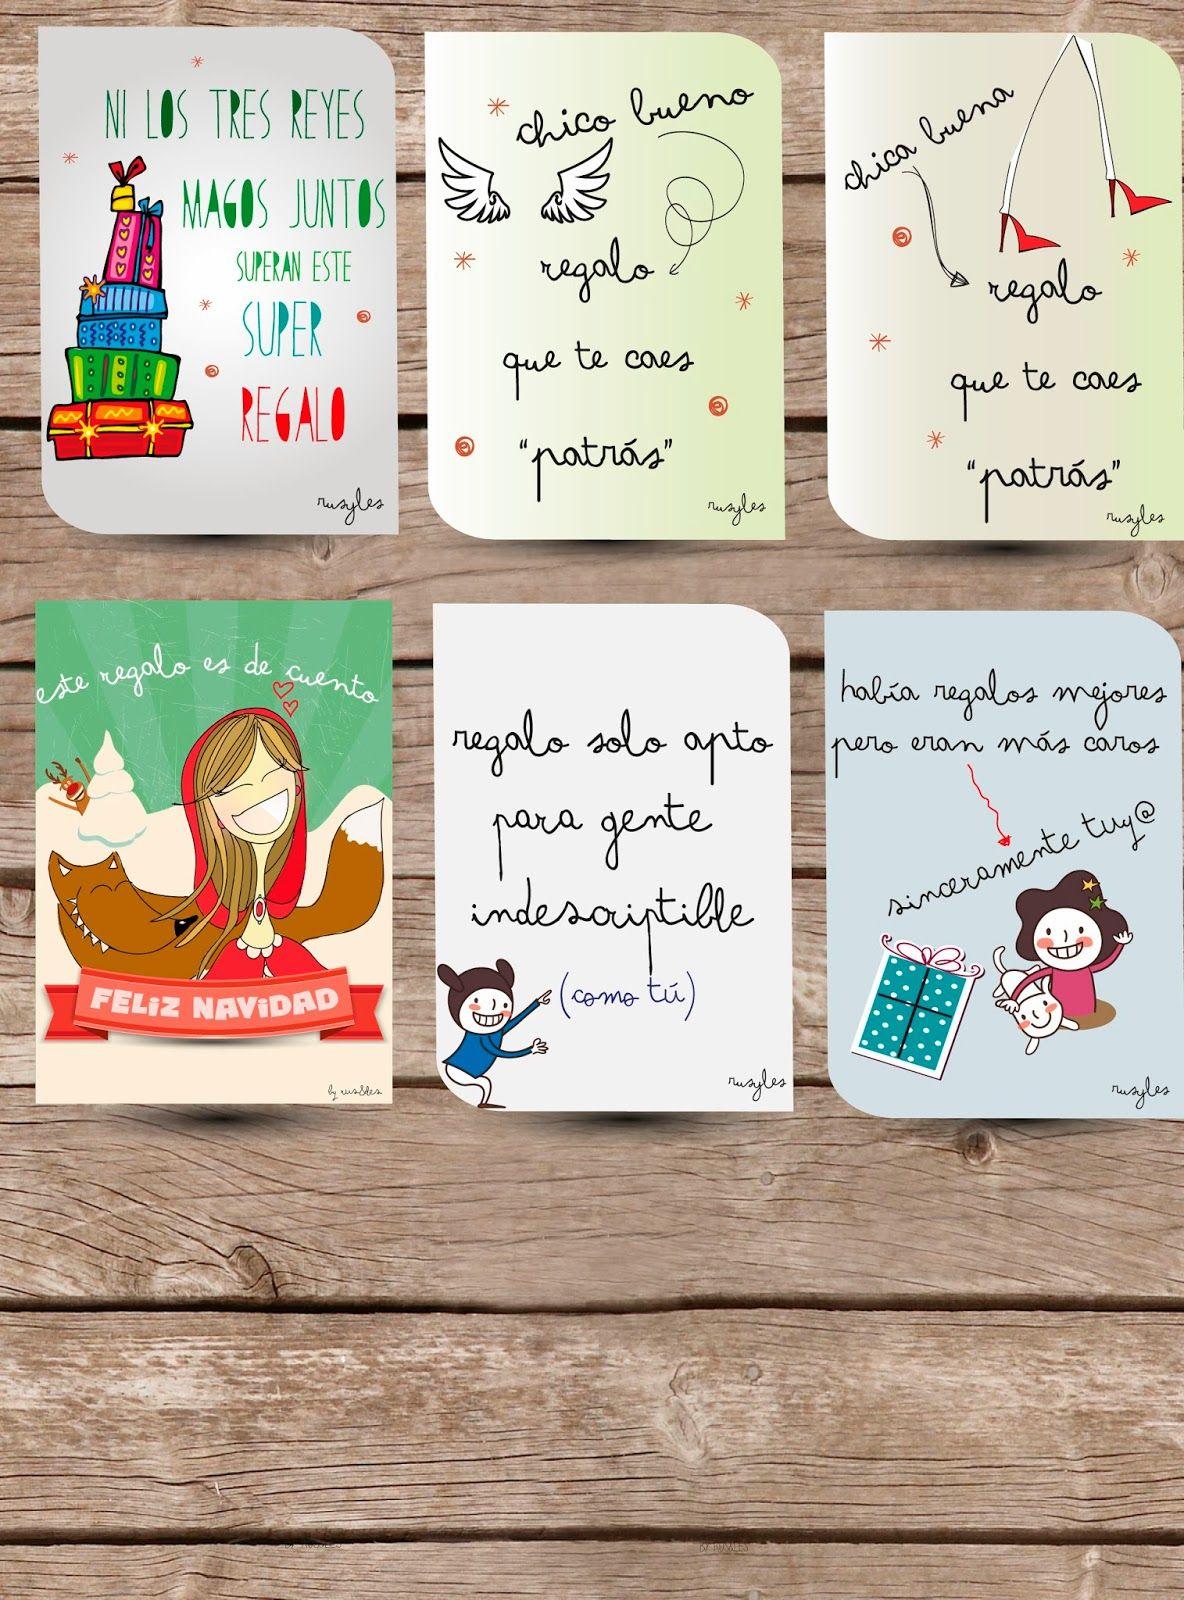 Etiquetas de regalos personalizadas. visita nuestra web rusyles.wix.com/rusyles